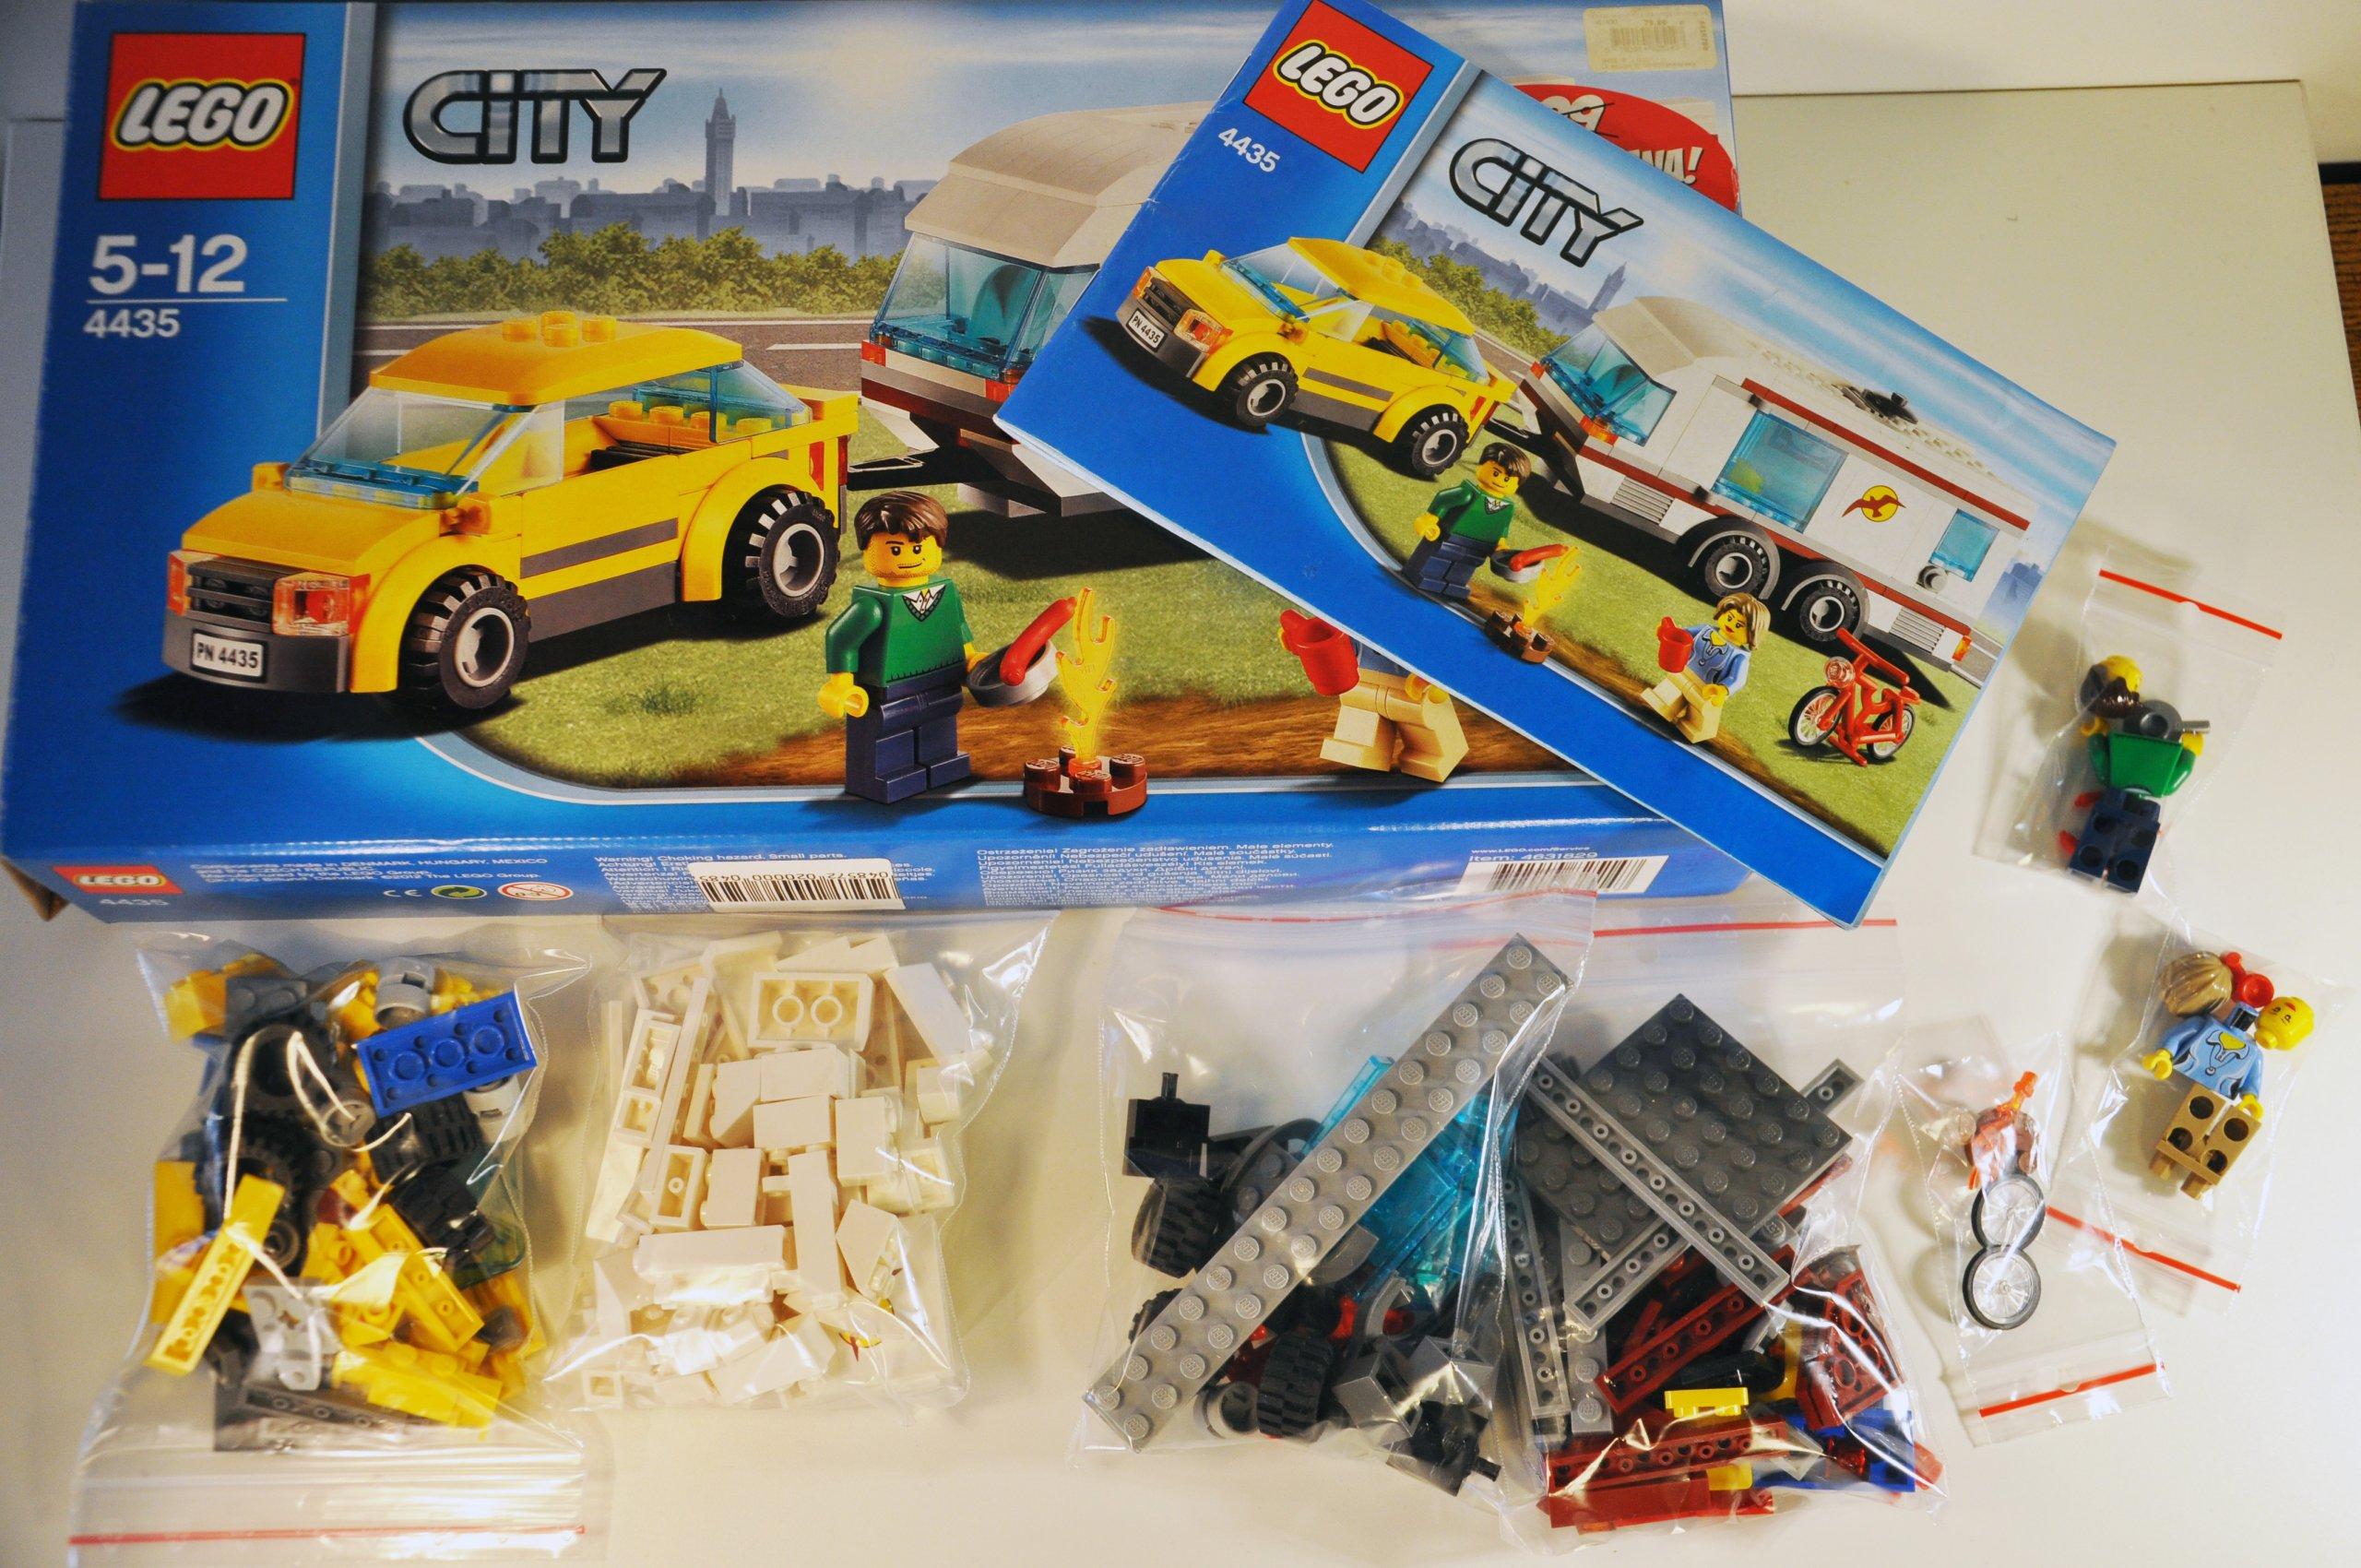 Lego City 4435 Samochód Z Przyczepą Kempingową 7065263841